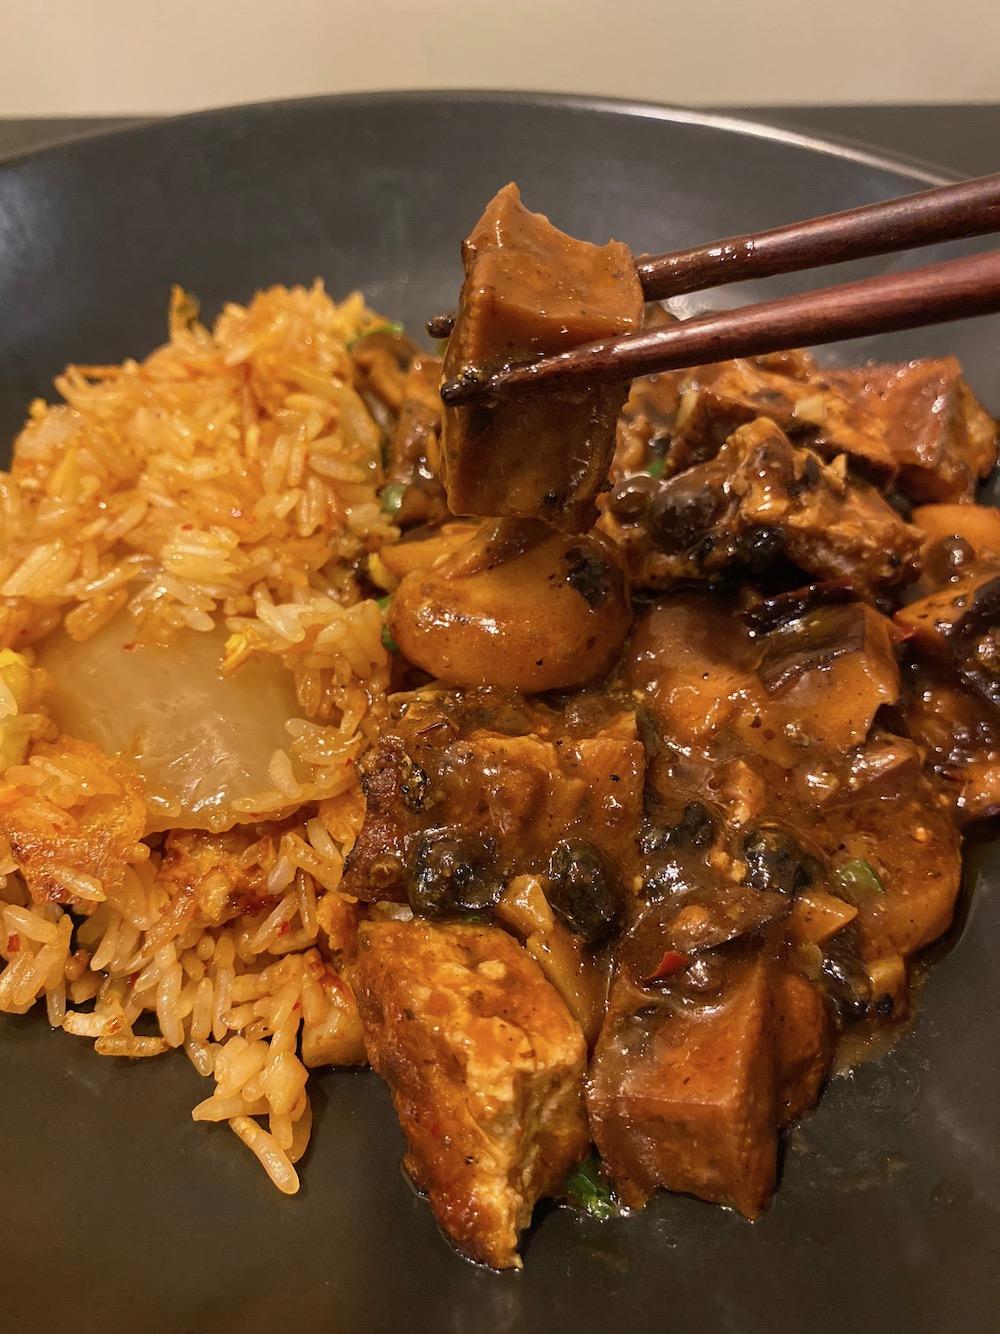 Look at that tofu!